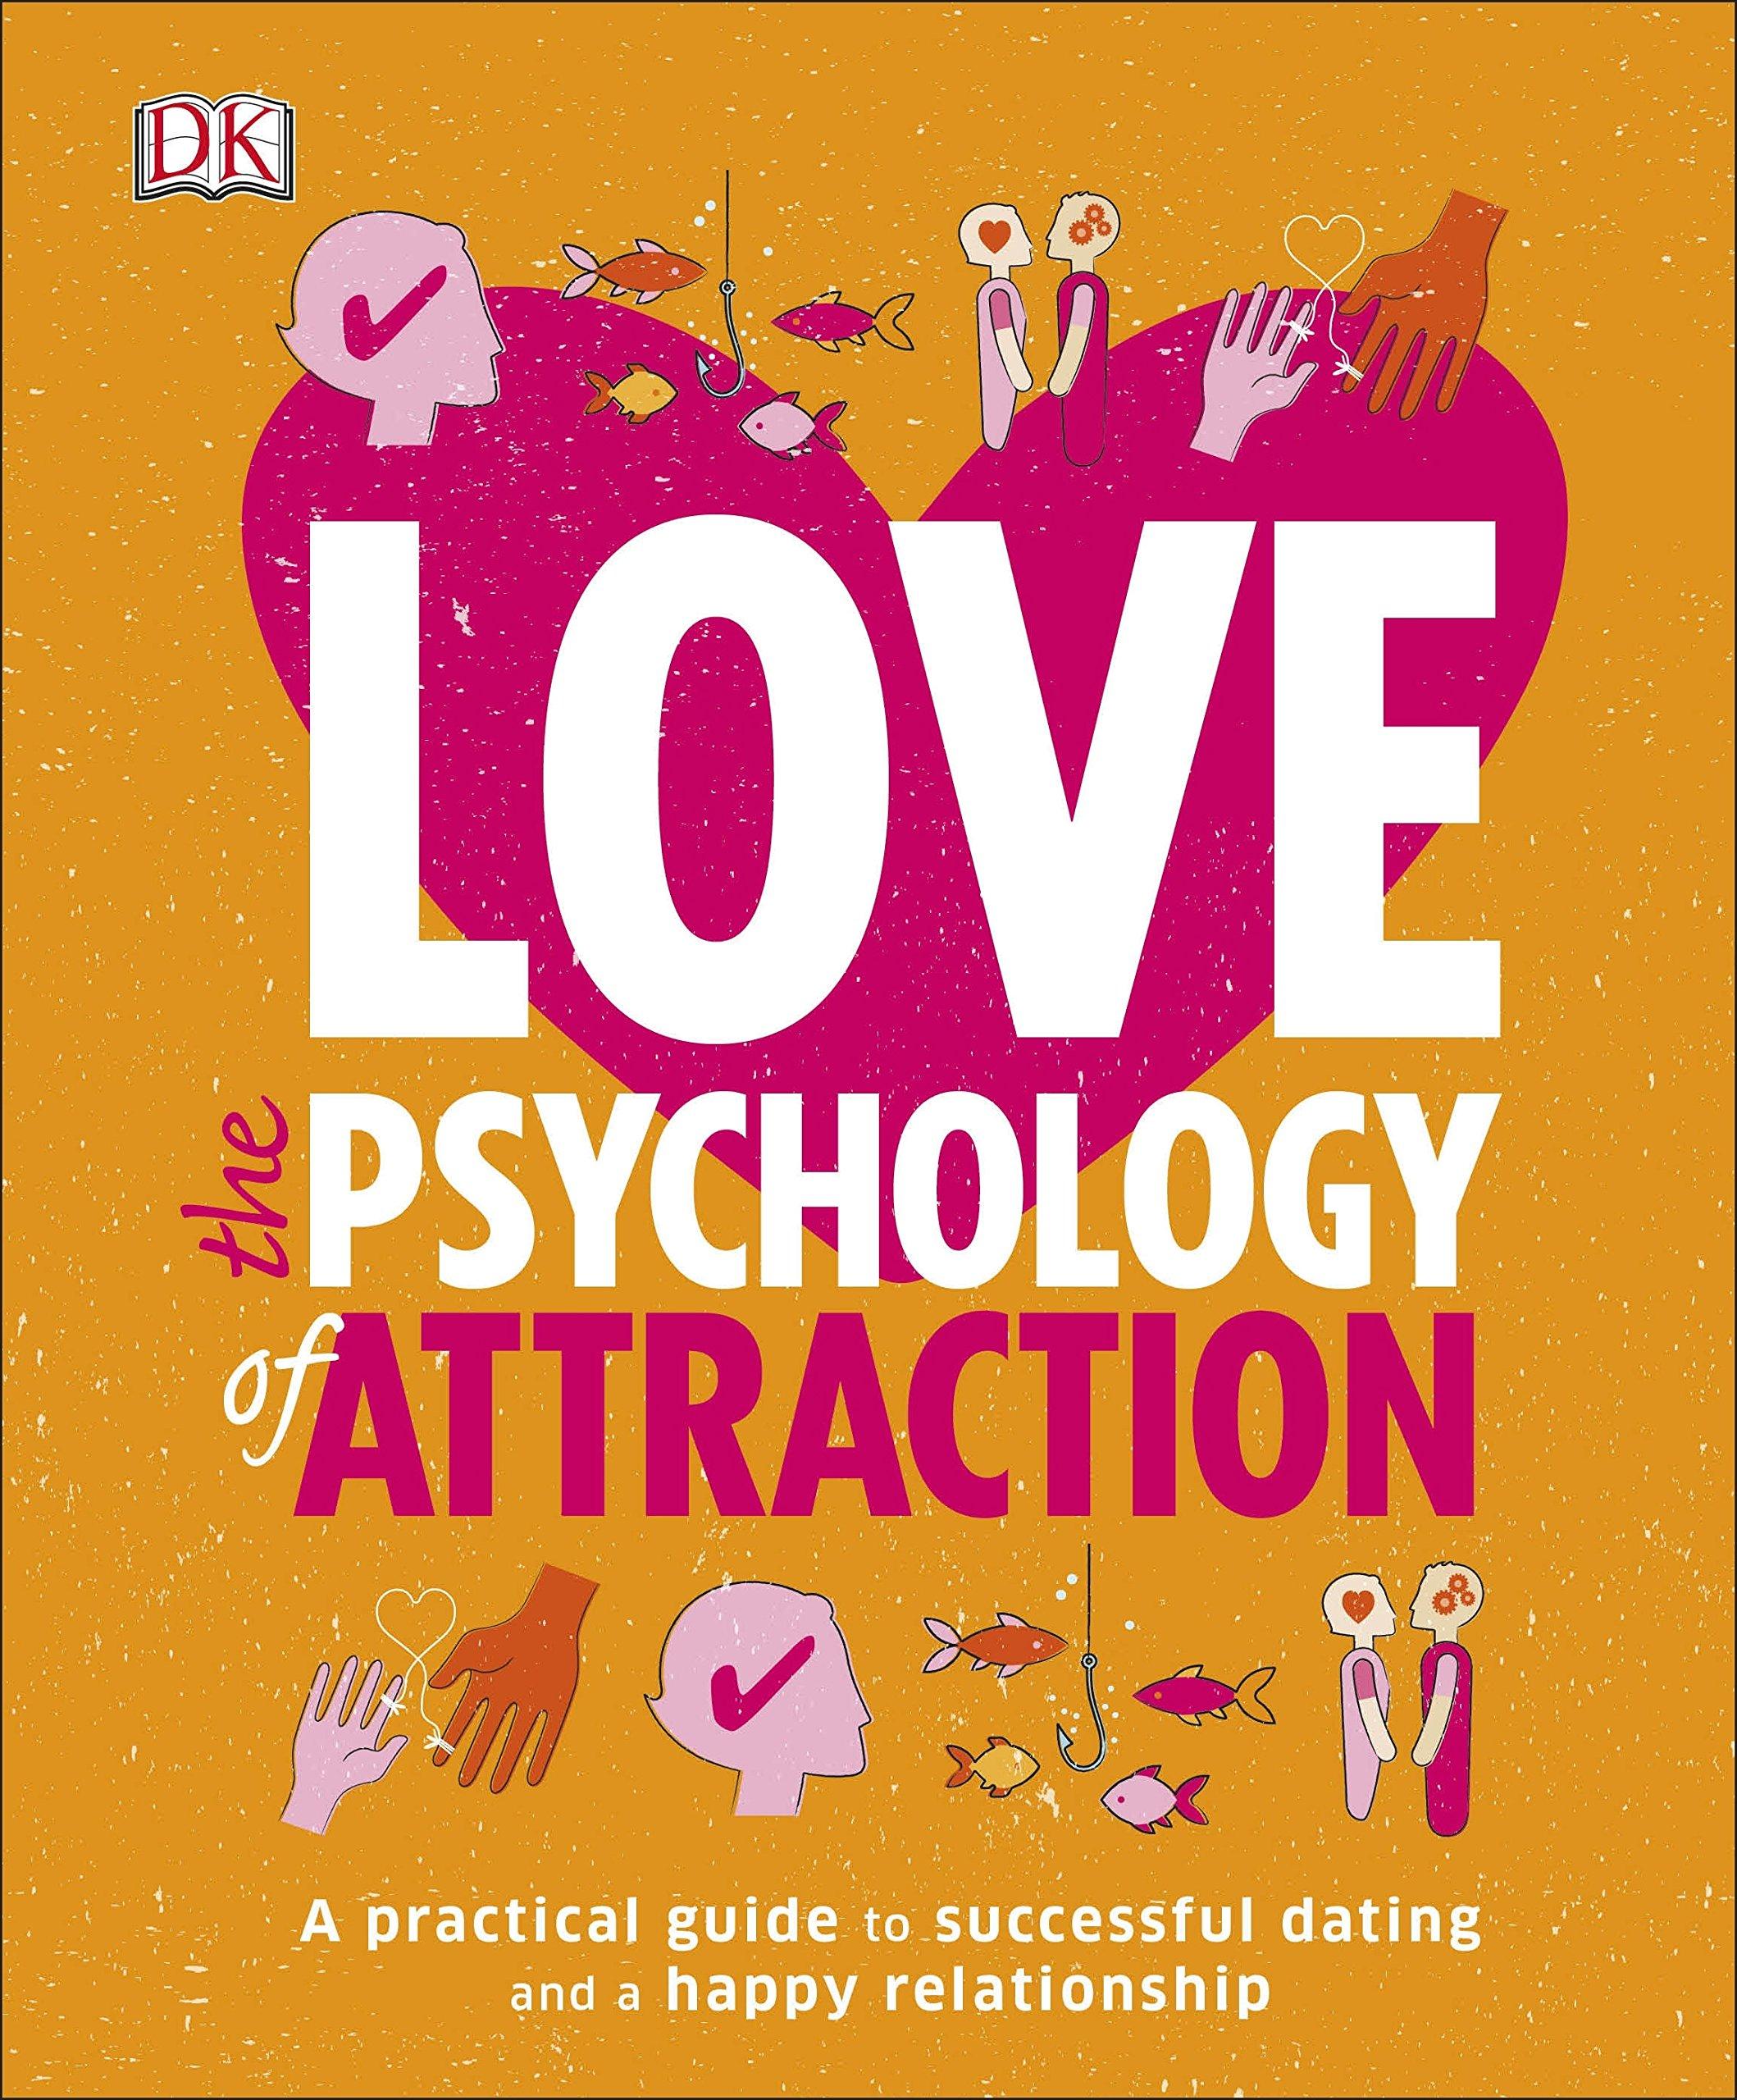 WebMD datingkurdiske datingside UK